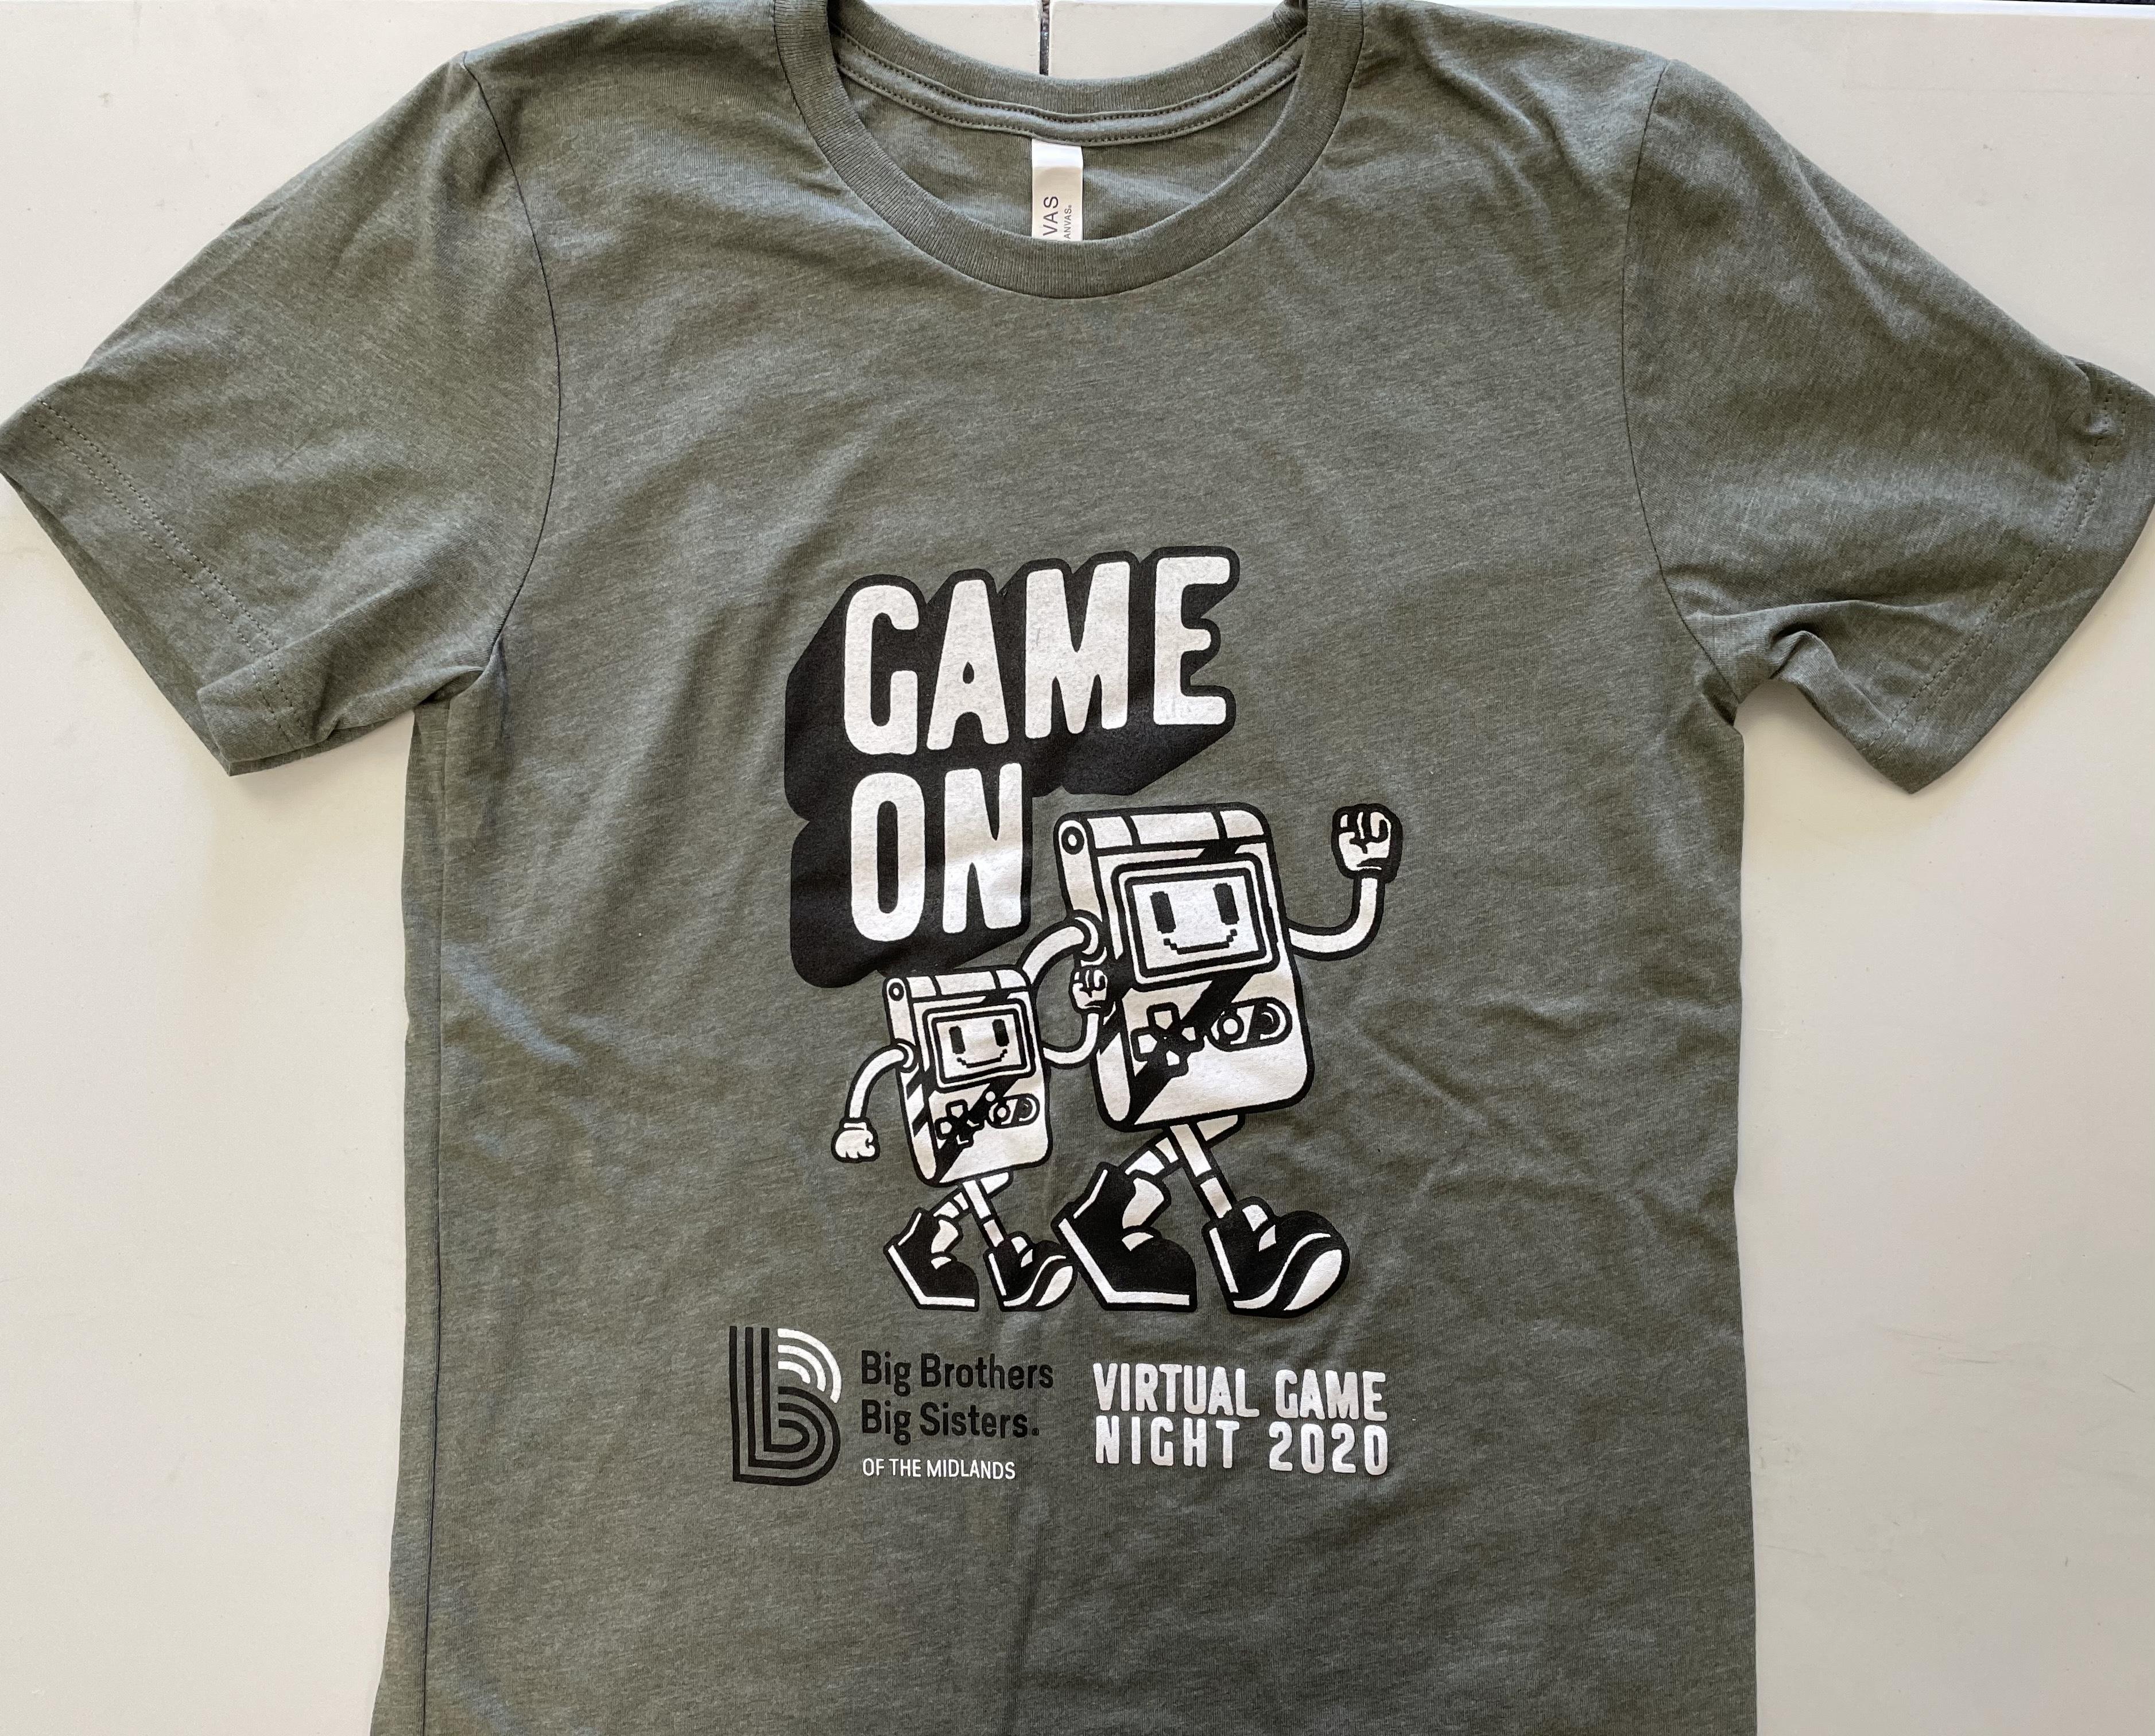 Virtual Game Night Throwback Adult T-Shirt (X-LARGE)